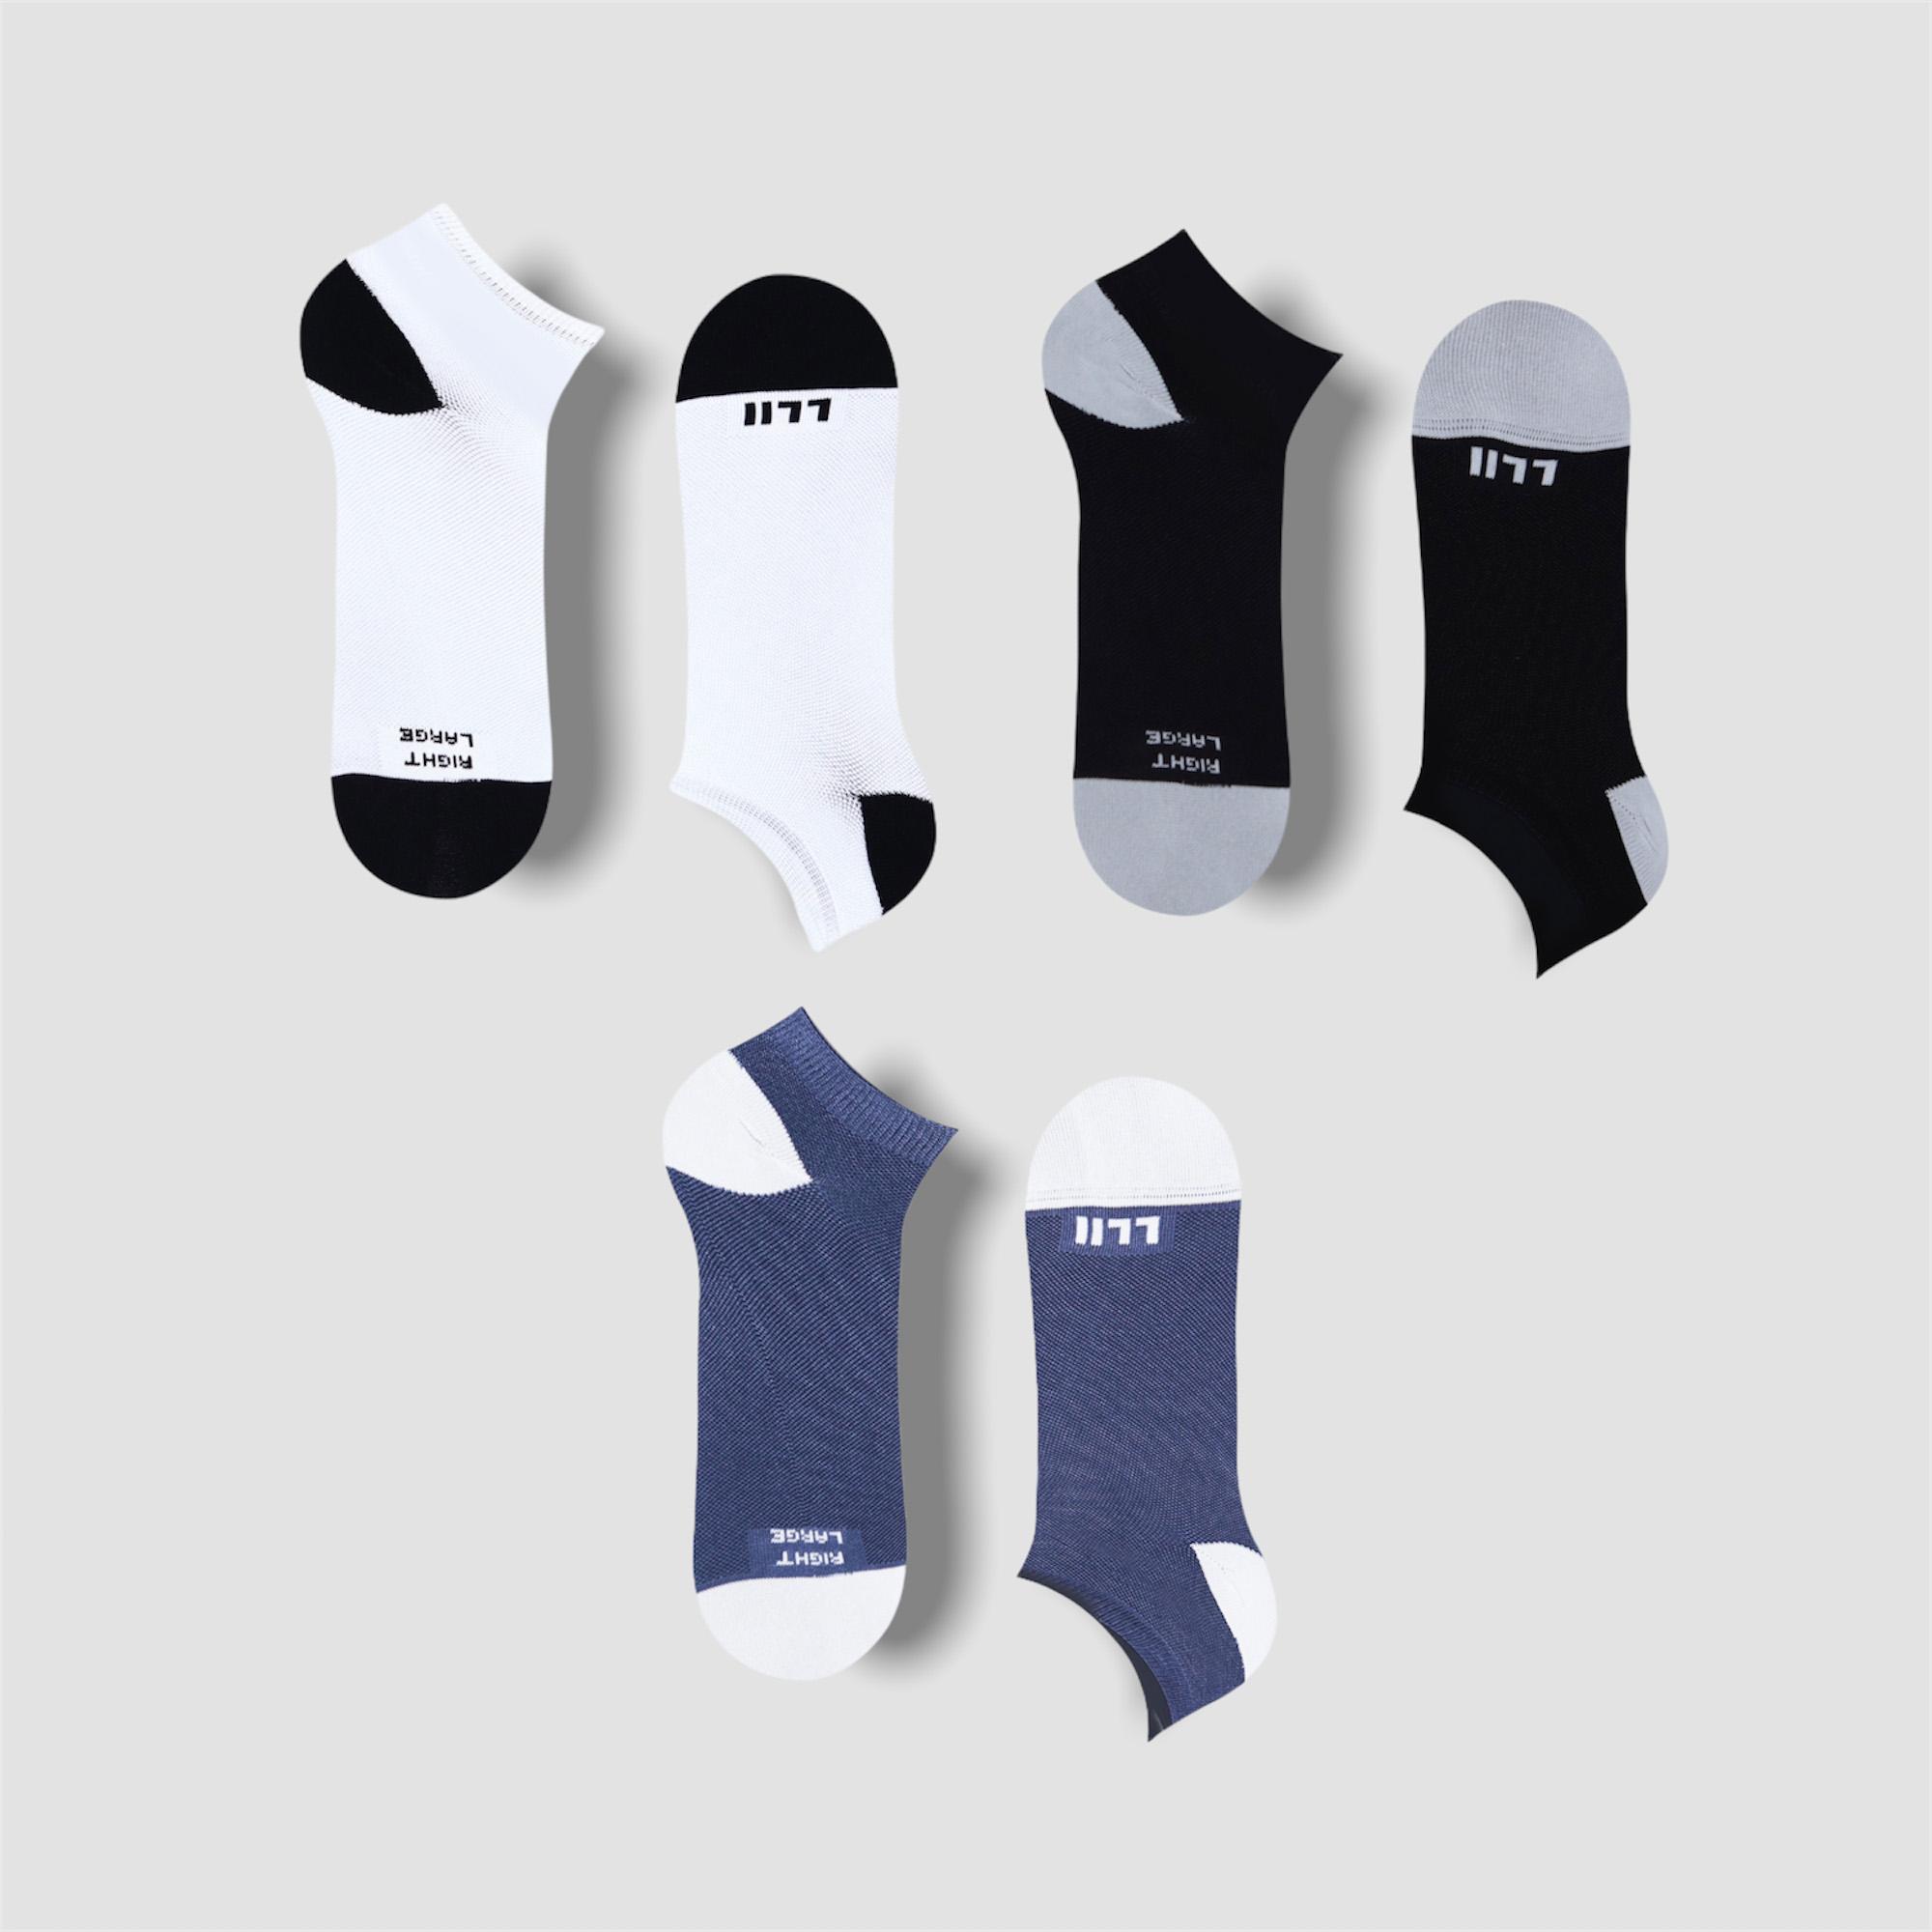 Jack Multipack – 3 Pairs of Low Socks